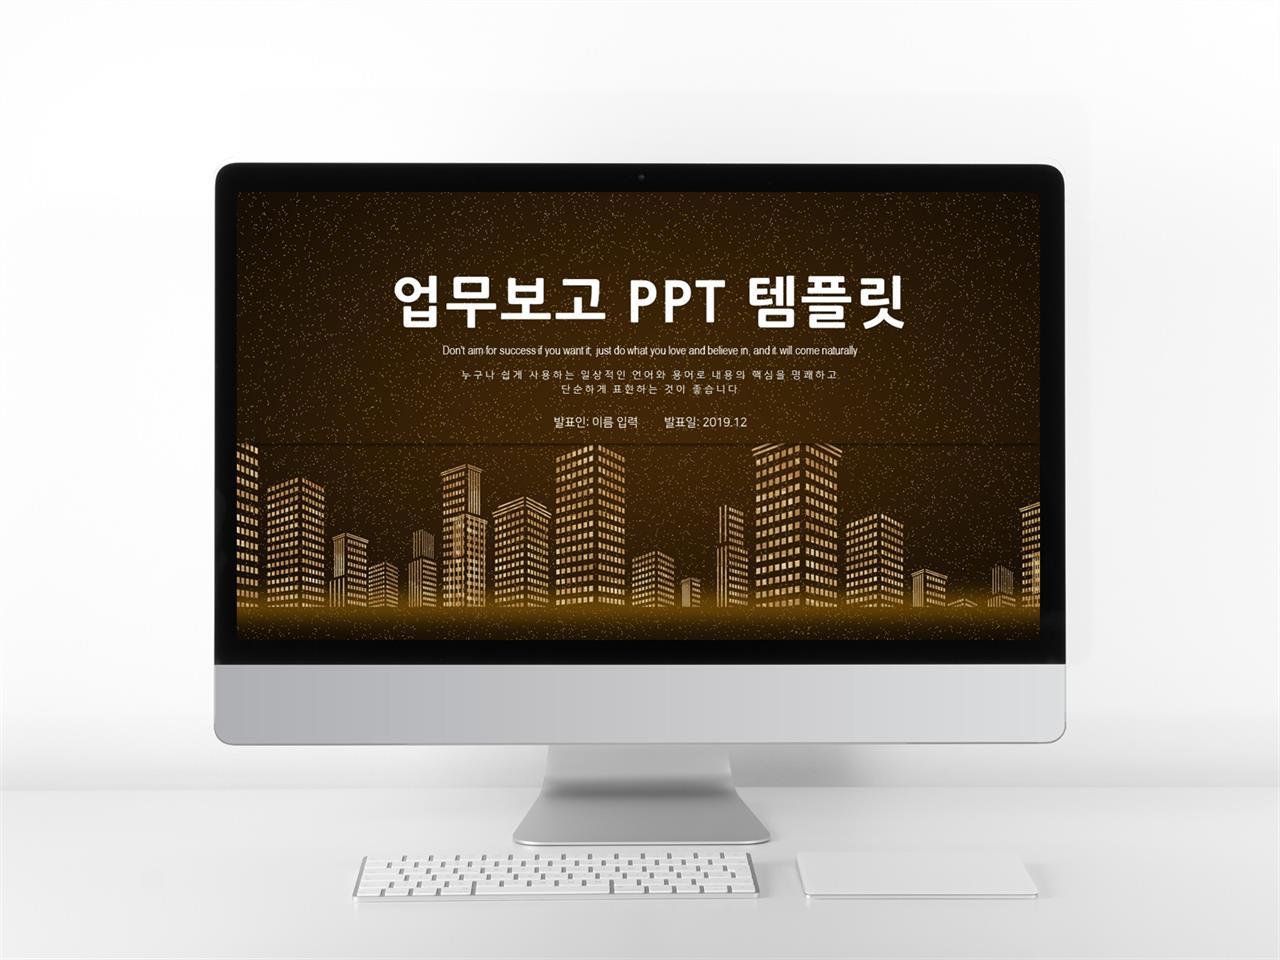 업무프로세스 갈색 어둑어둑한 고퀄리티 피피티양식 제작 미리보기